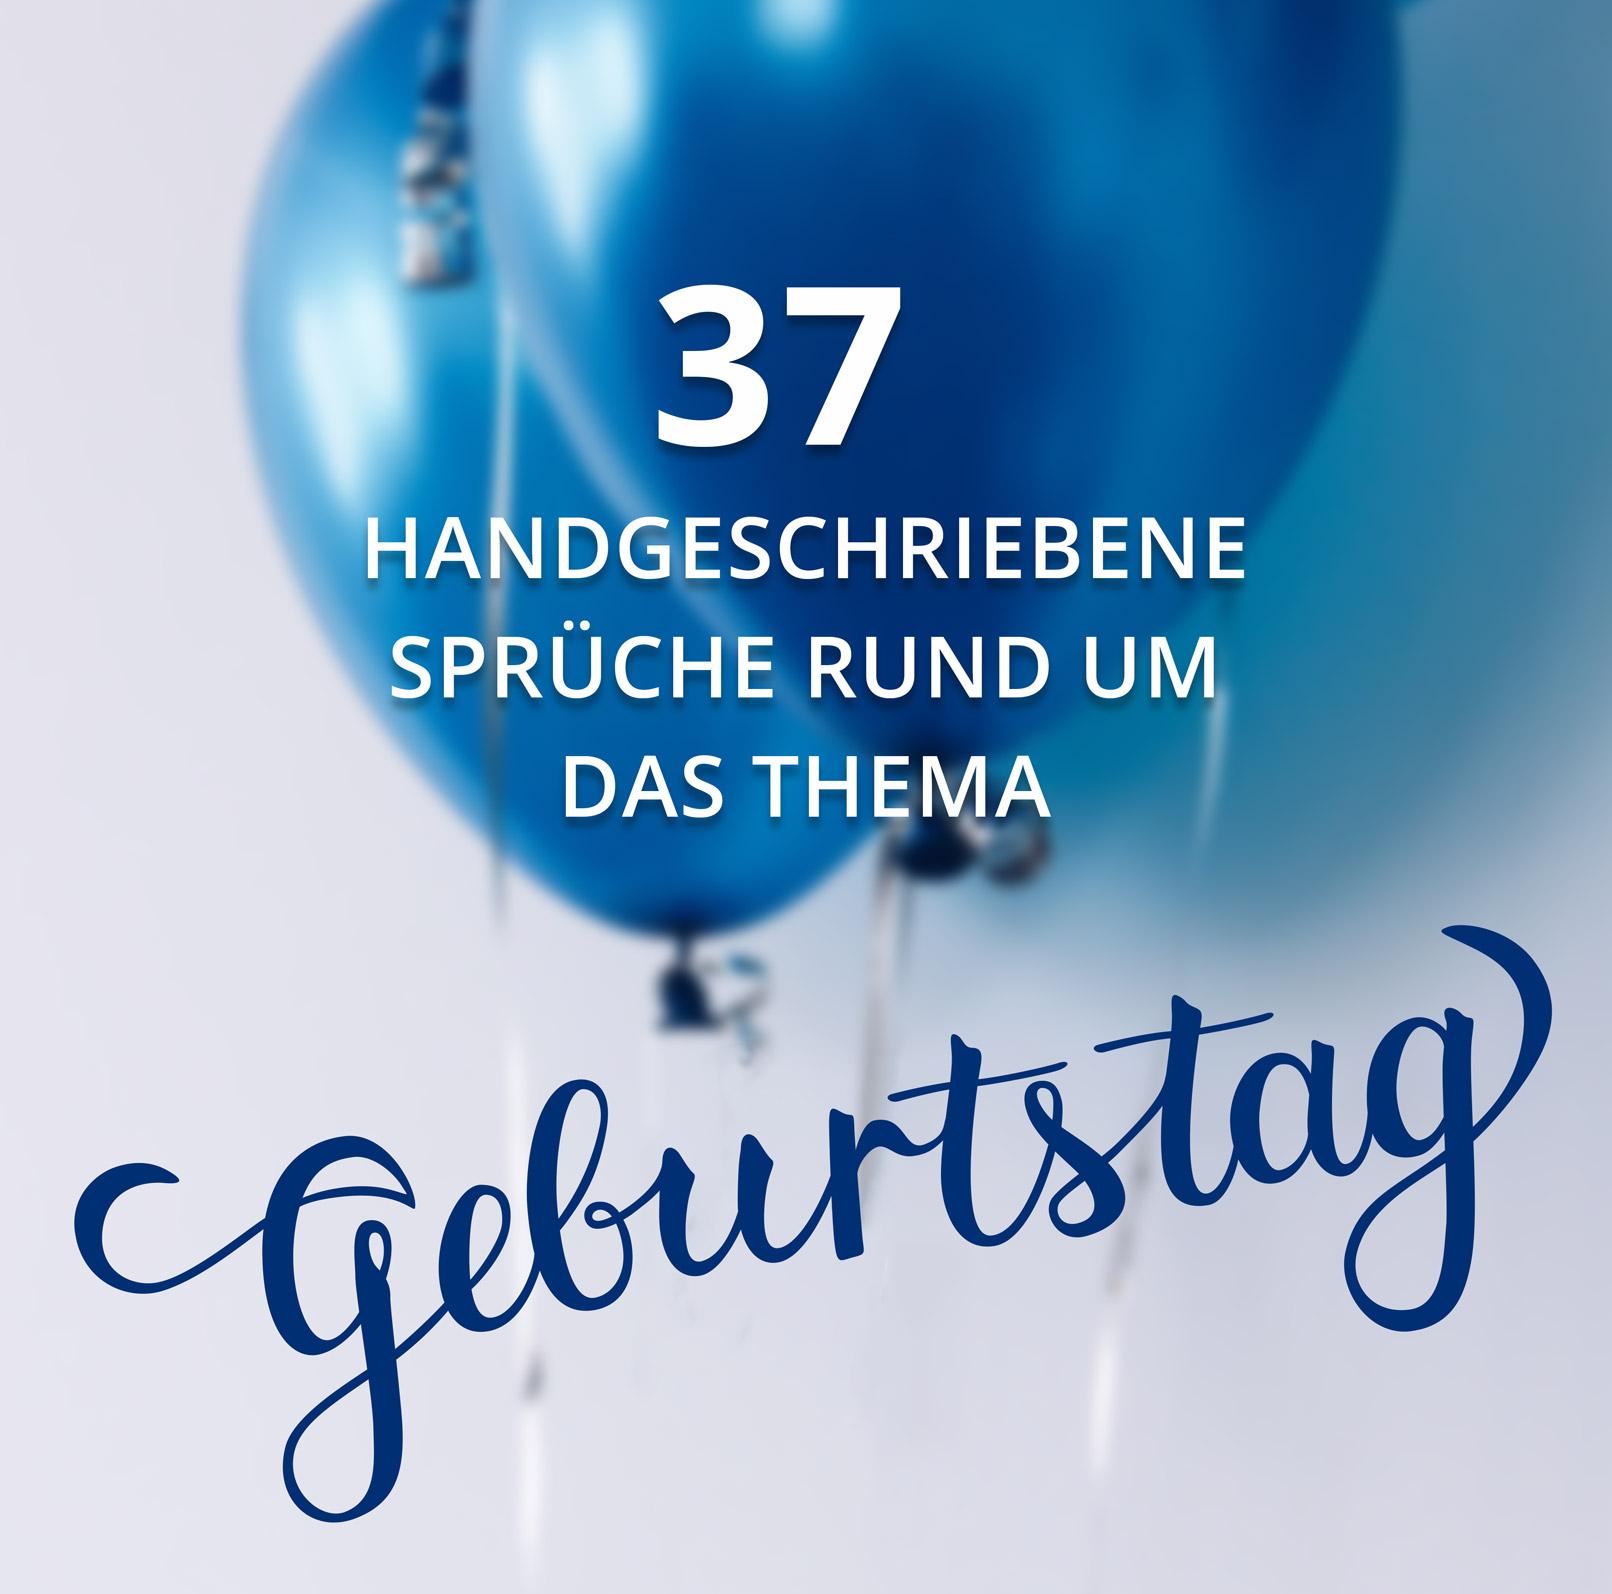 Luftballons mit Handlettering Geburtstag im Vordergrund